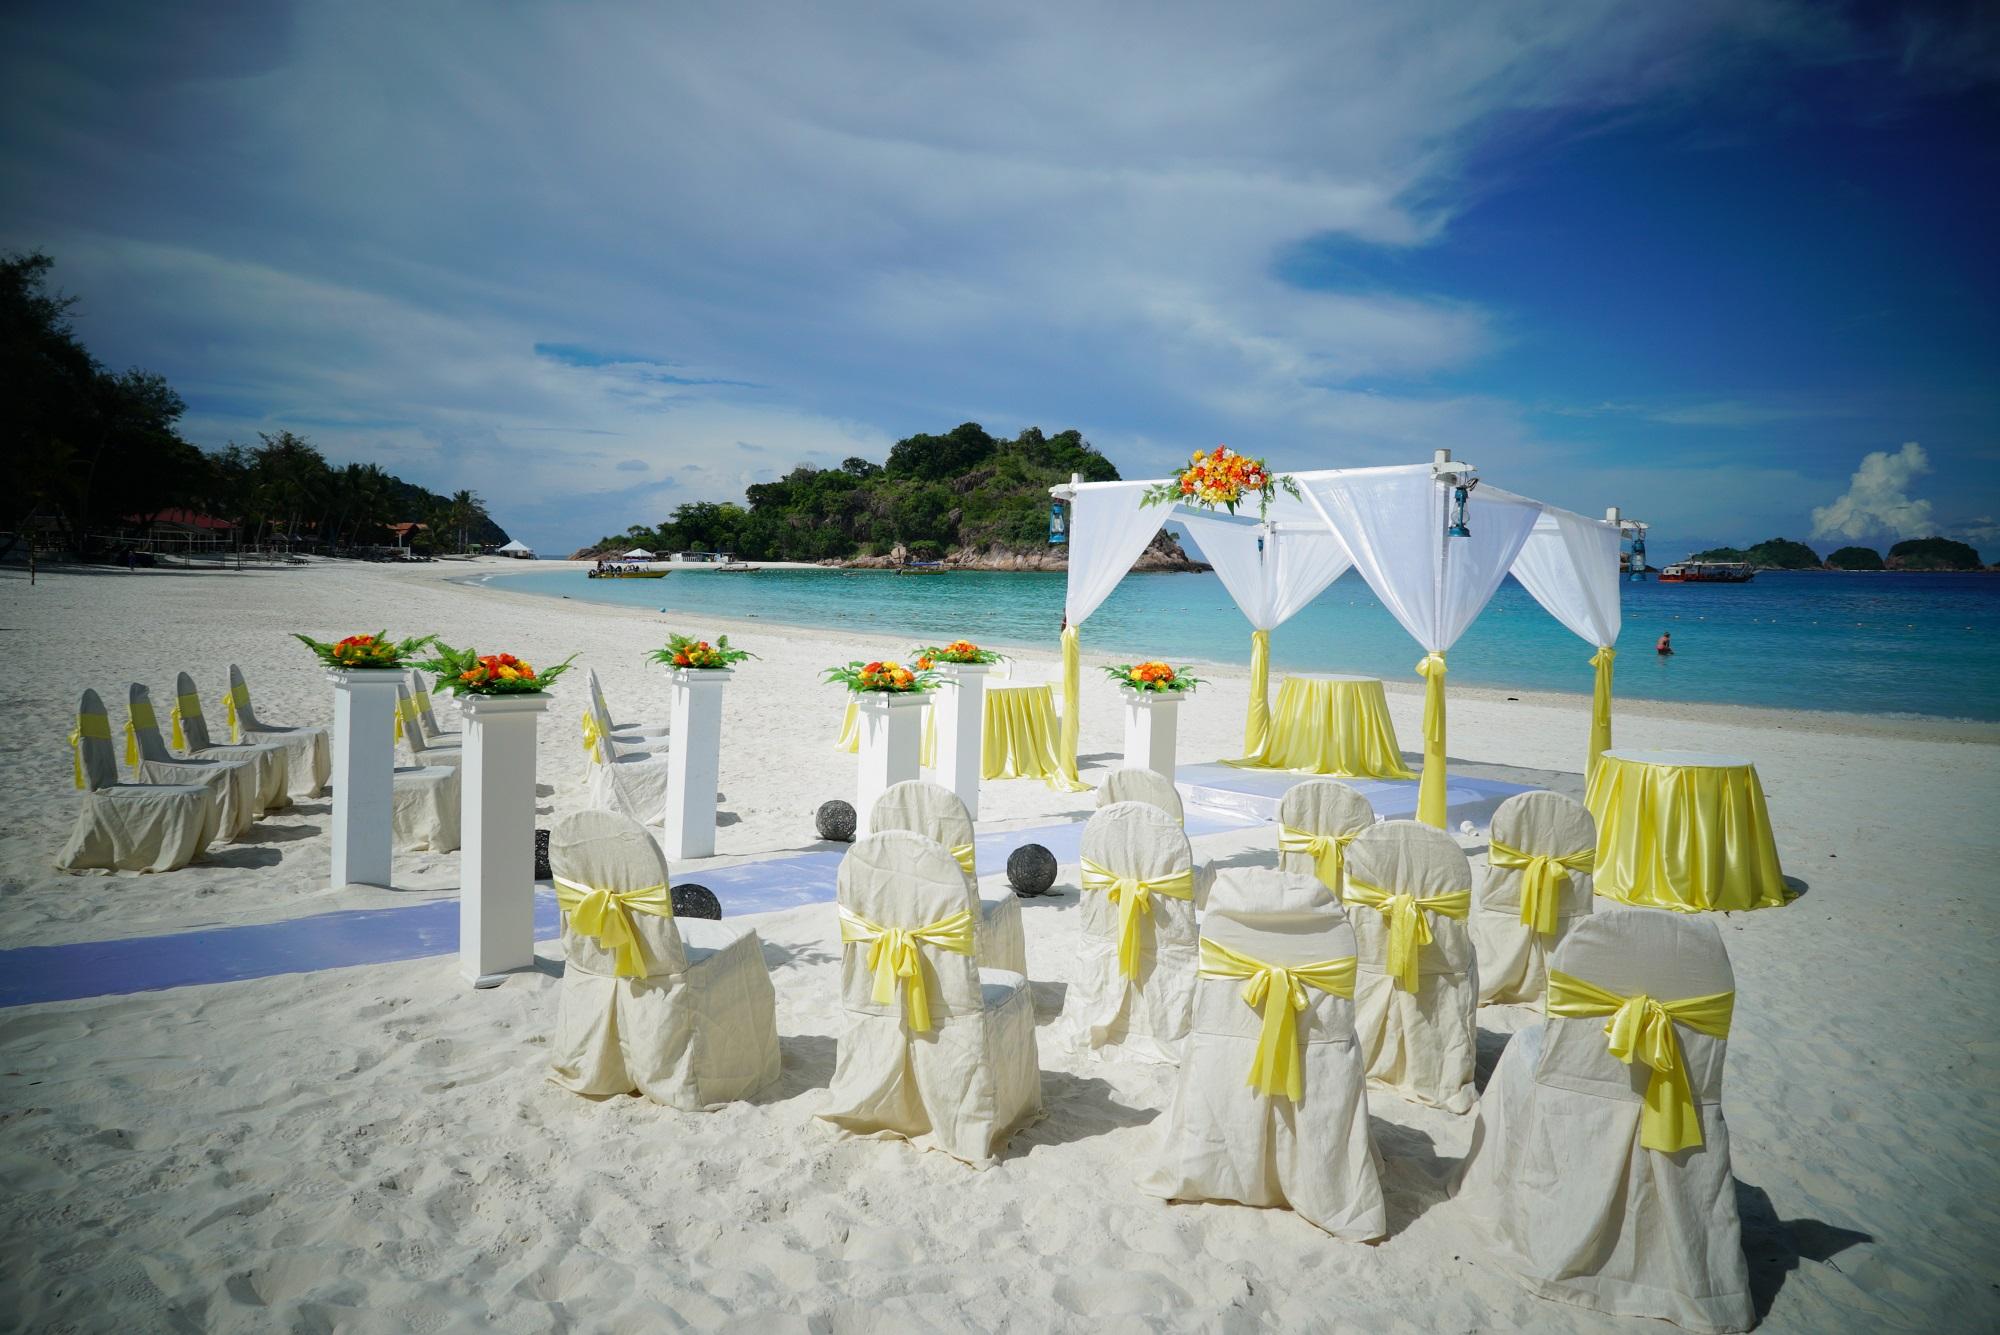 マレーシア レダン島 ビーチウェディング アーチデコレーション